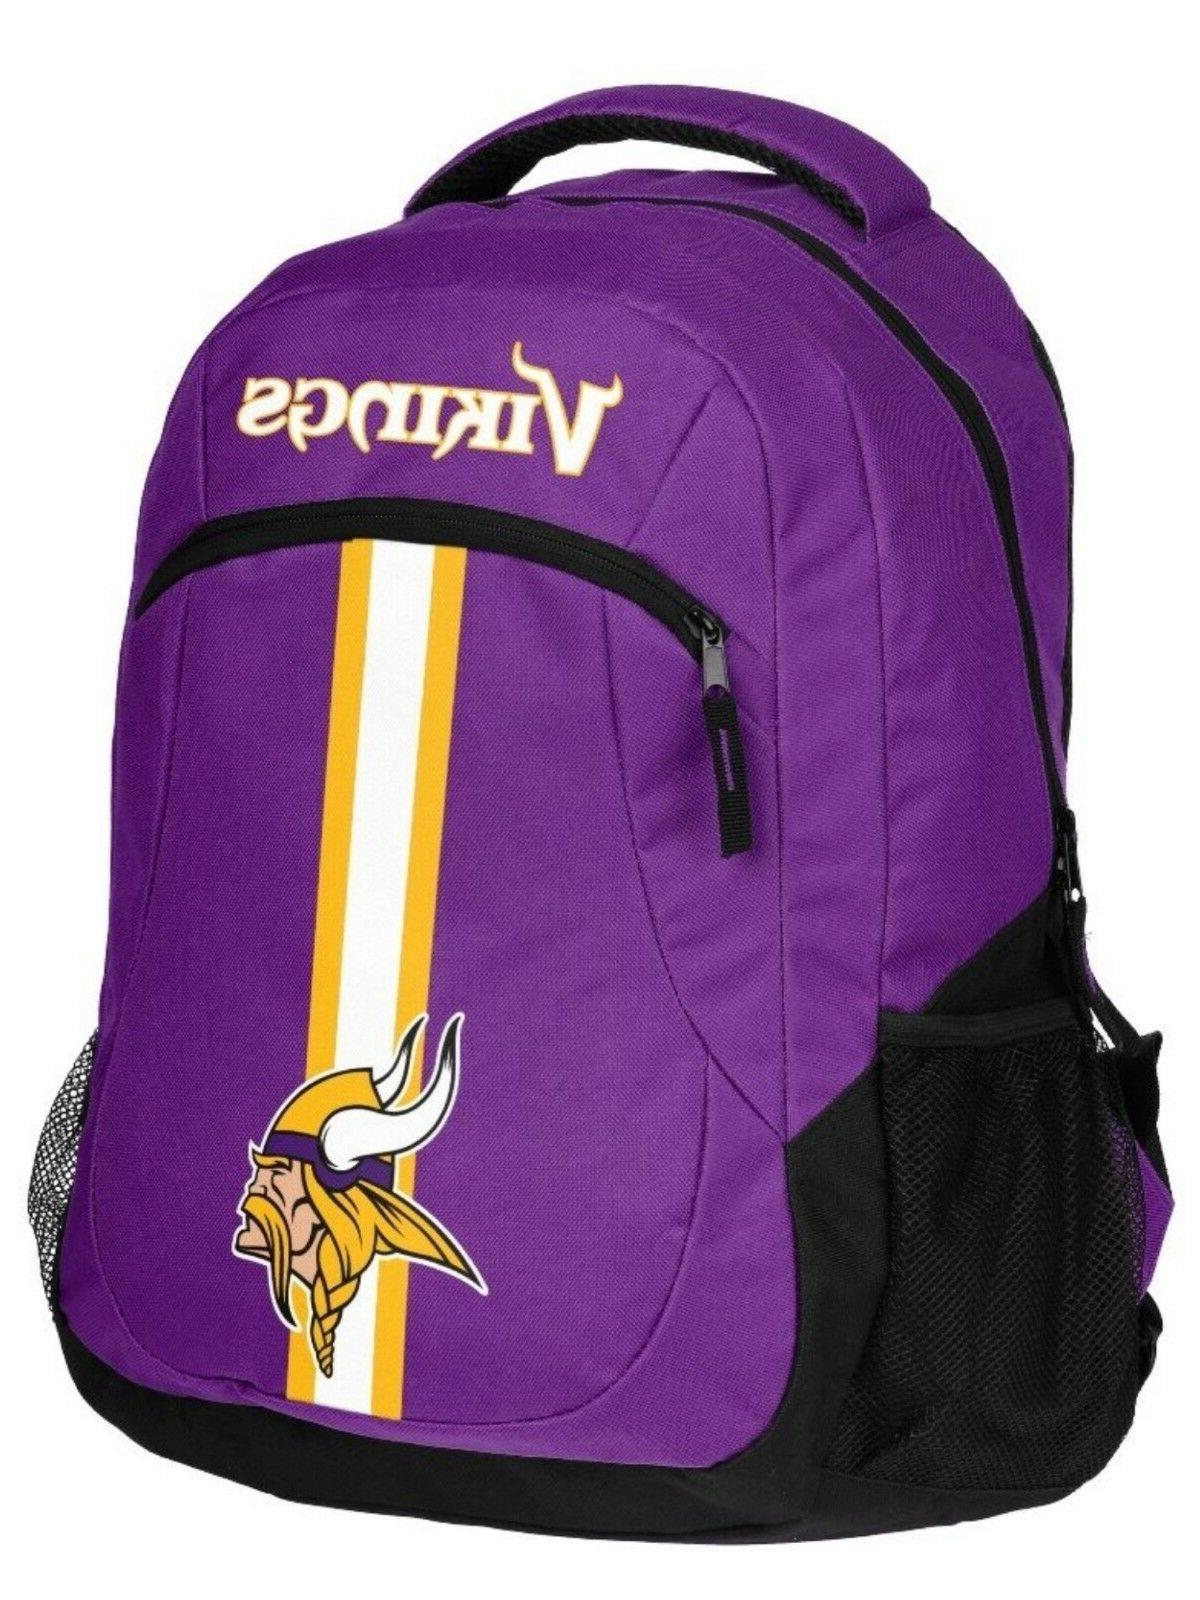 nfl minnesota vikingsaction backpack